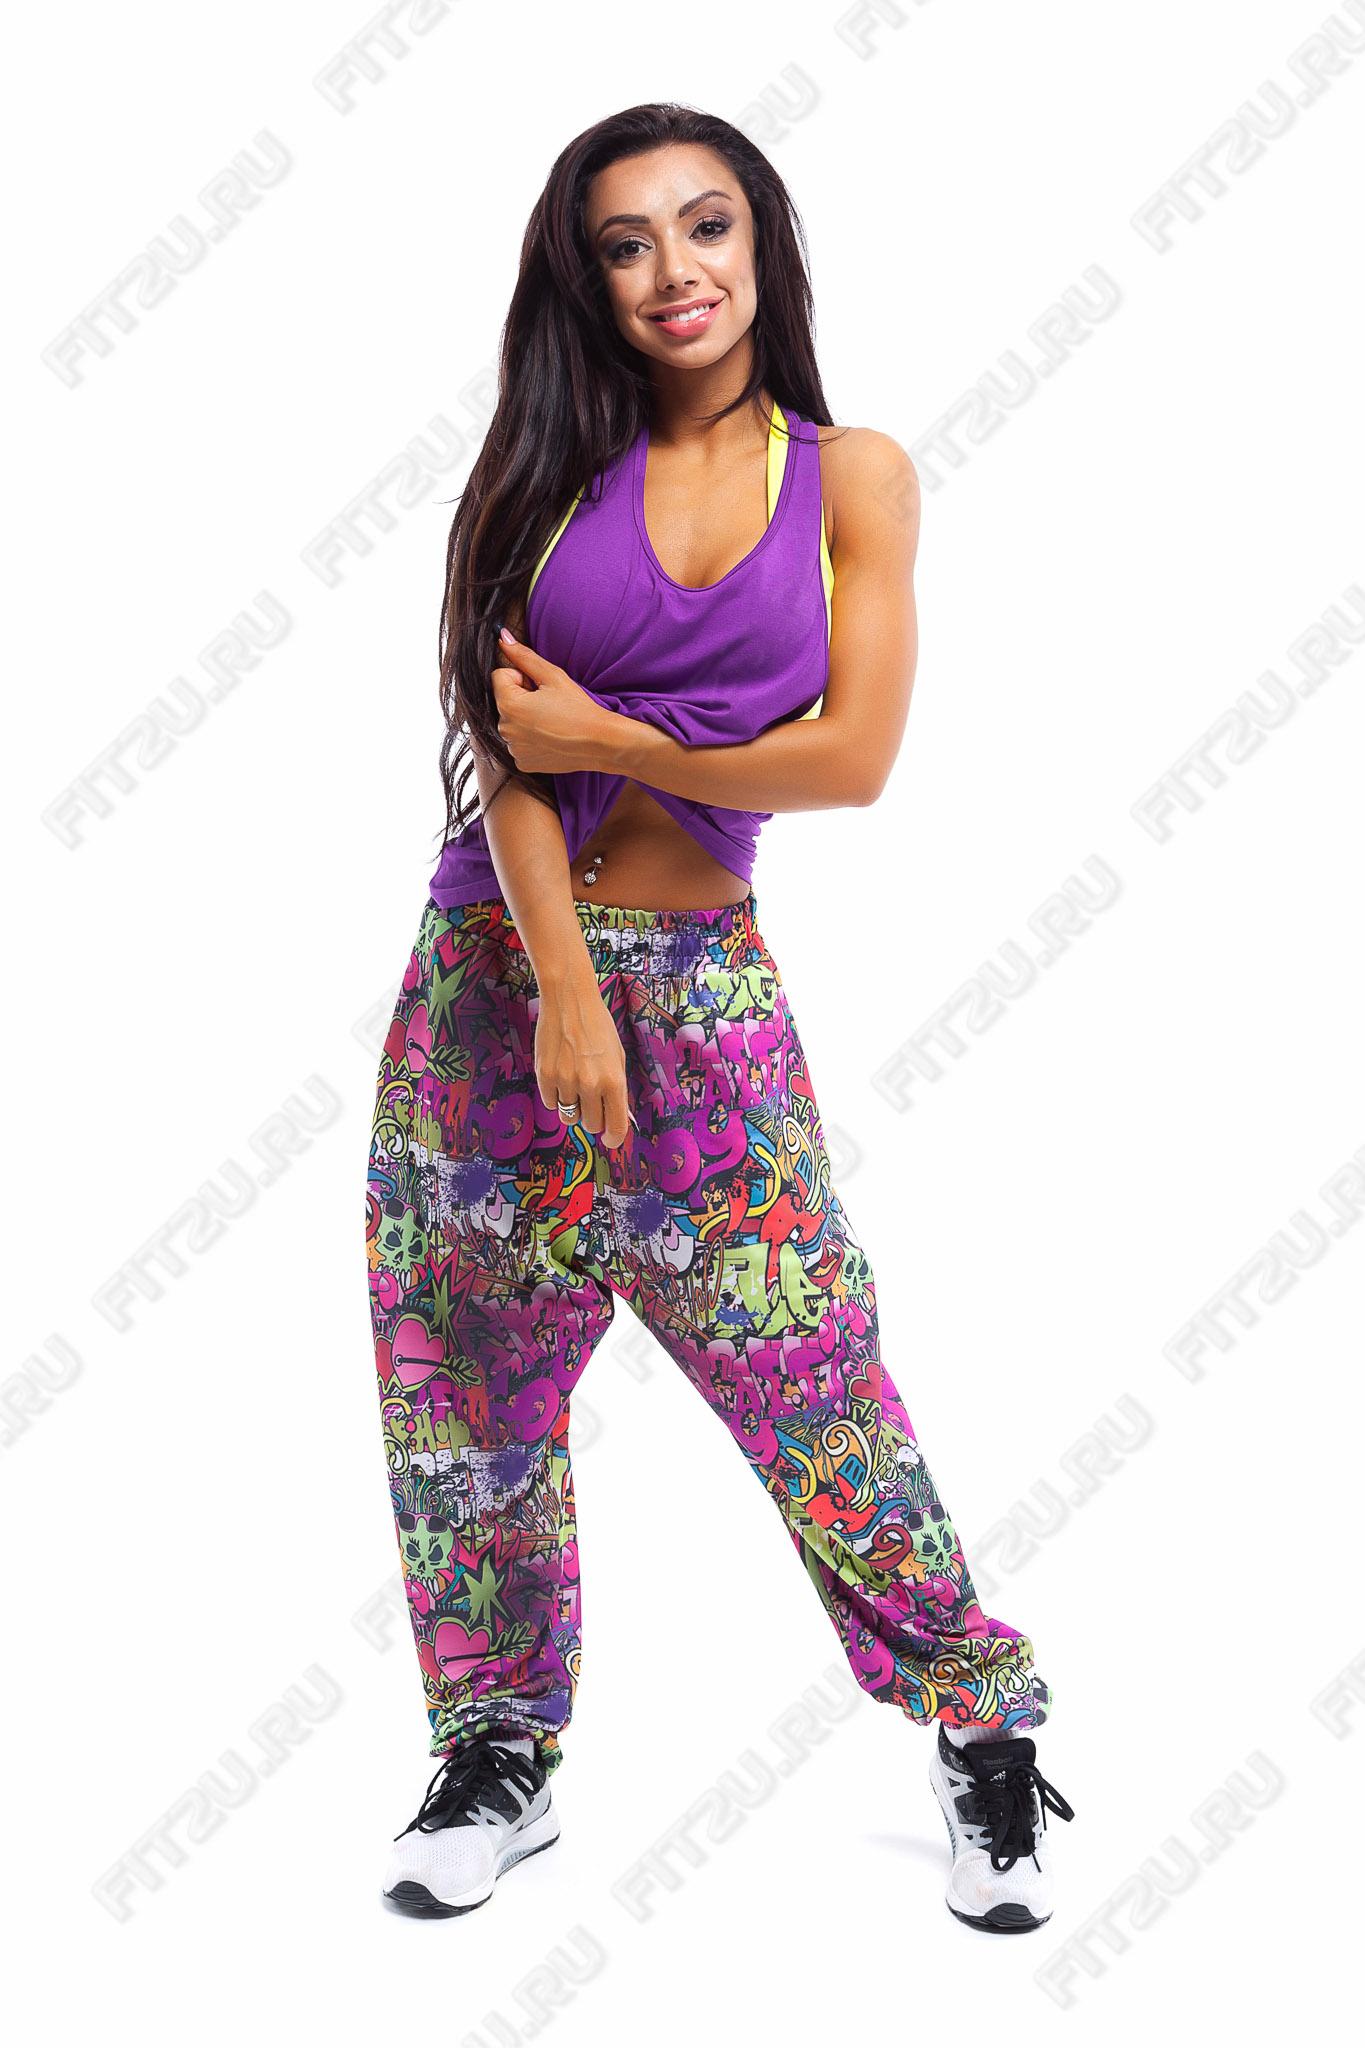 Сбор заказов. Модная, яркая одежда для тренировок, фитнеса, танцев, бассеина Fit2u, Profit. Подготовить тело к весне